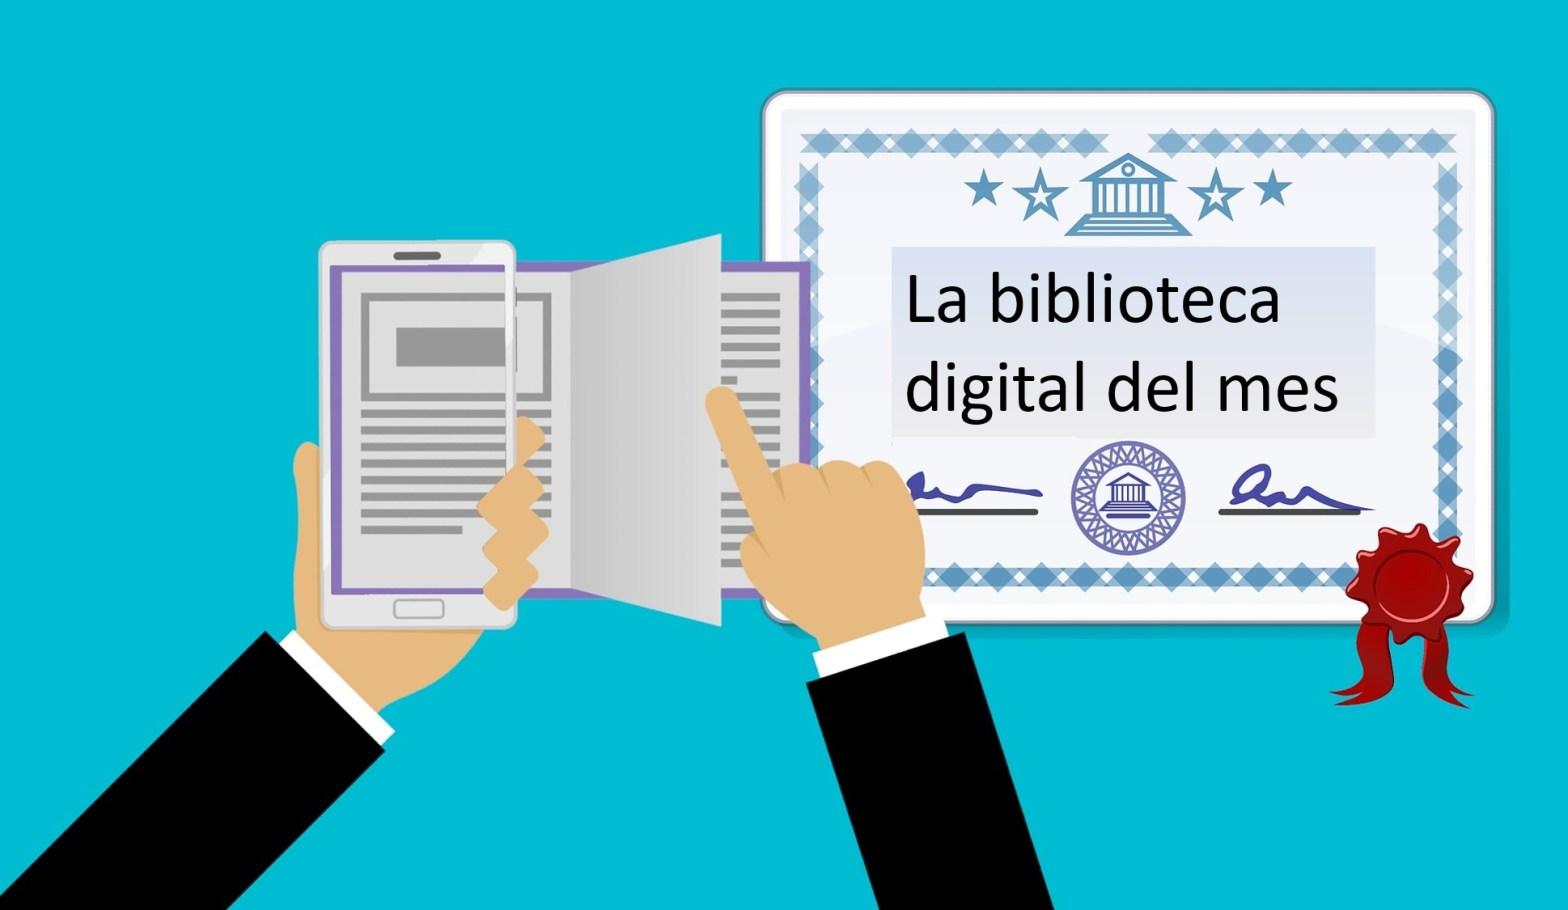 diploma a la biblioteca digital del mes